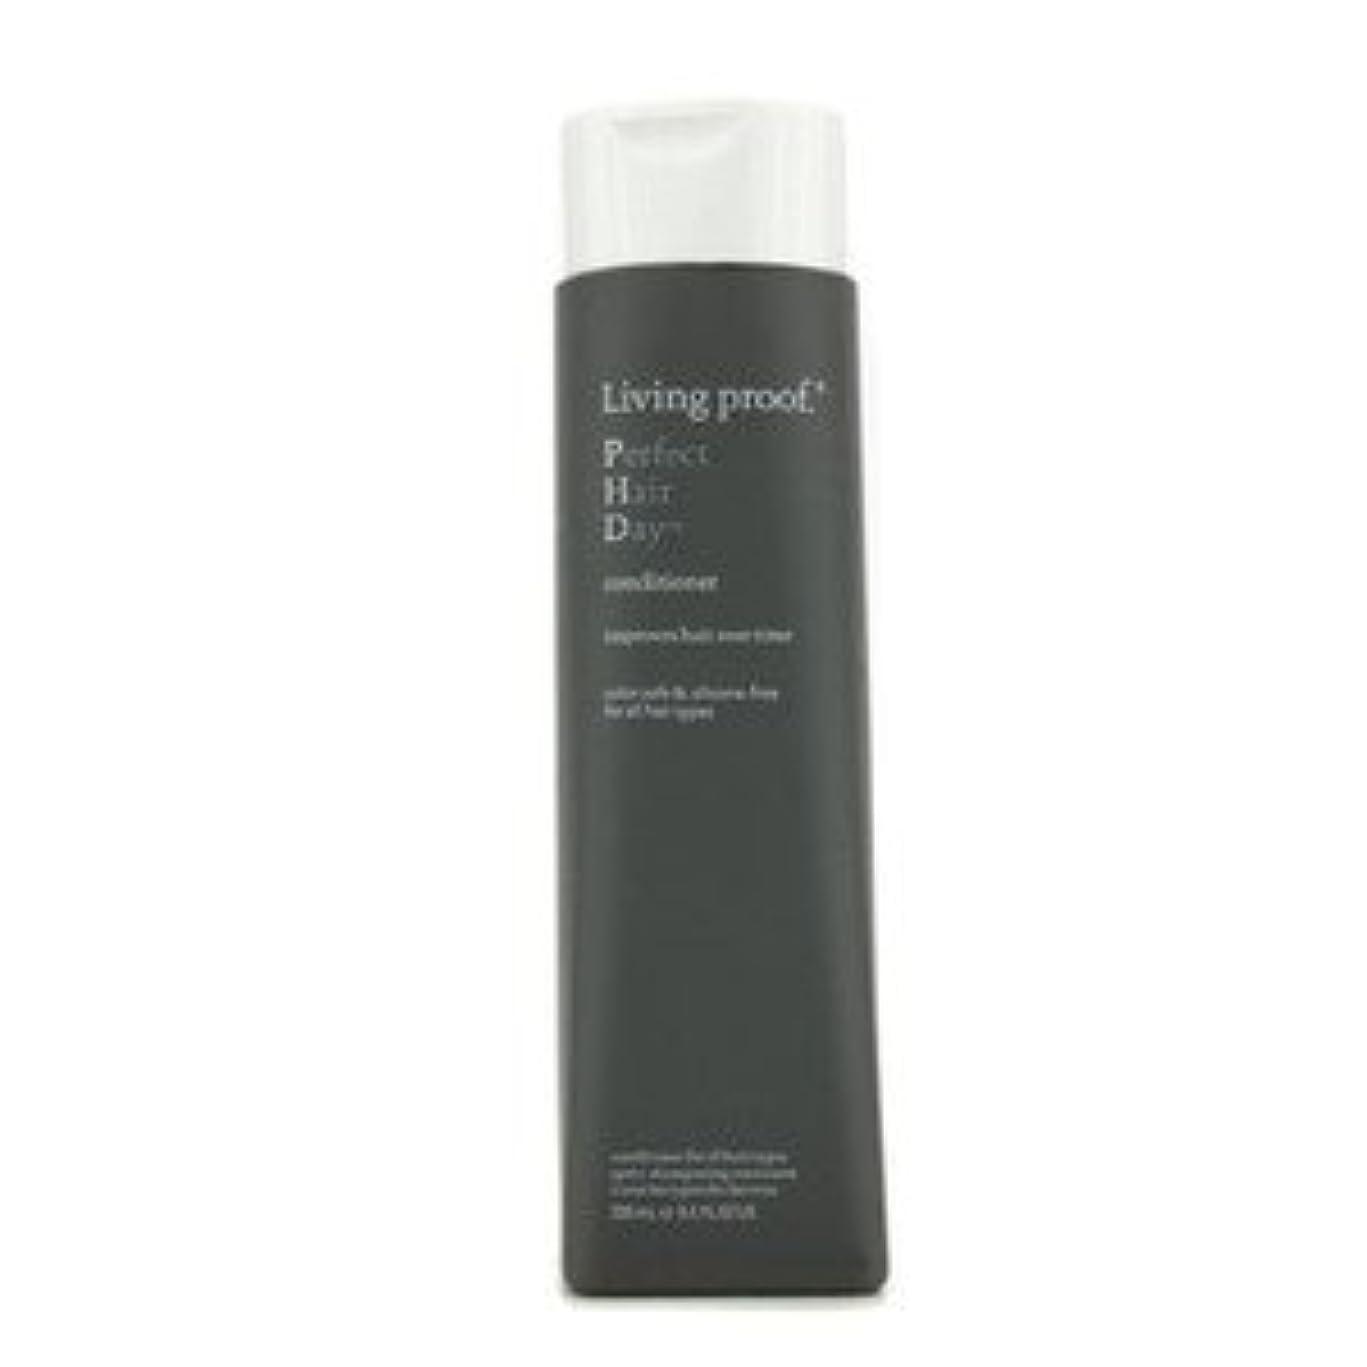 大区不安定Living Proof パーフェクト ヘア デイ コンディショナー(For All Hair Types) 236ml/8oz [並行輸入品]